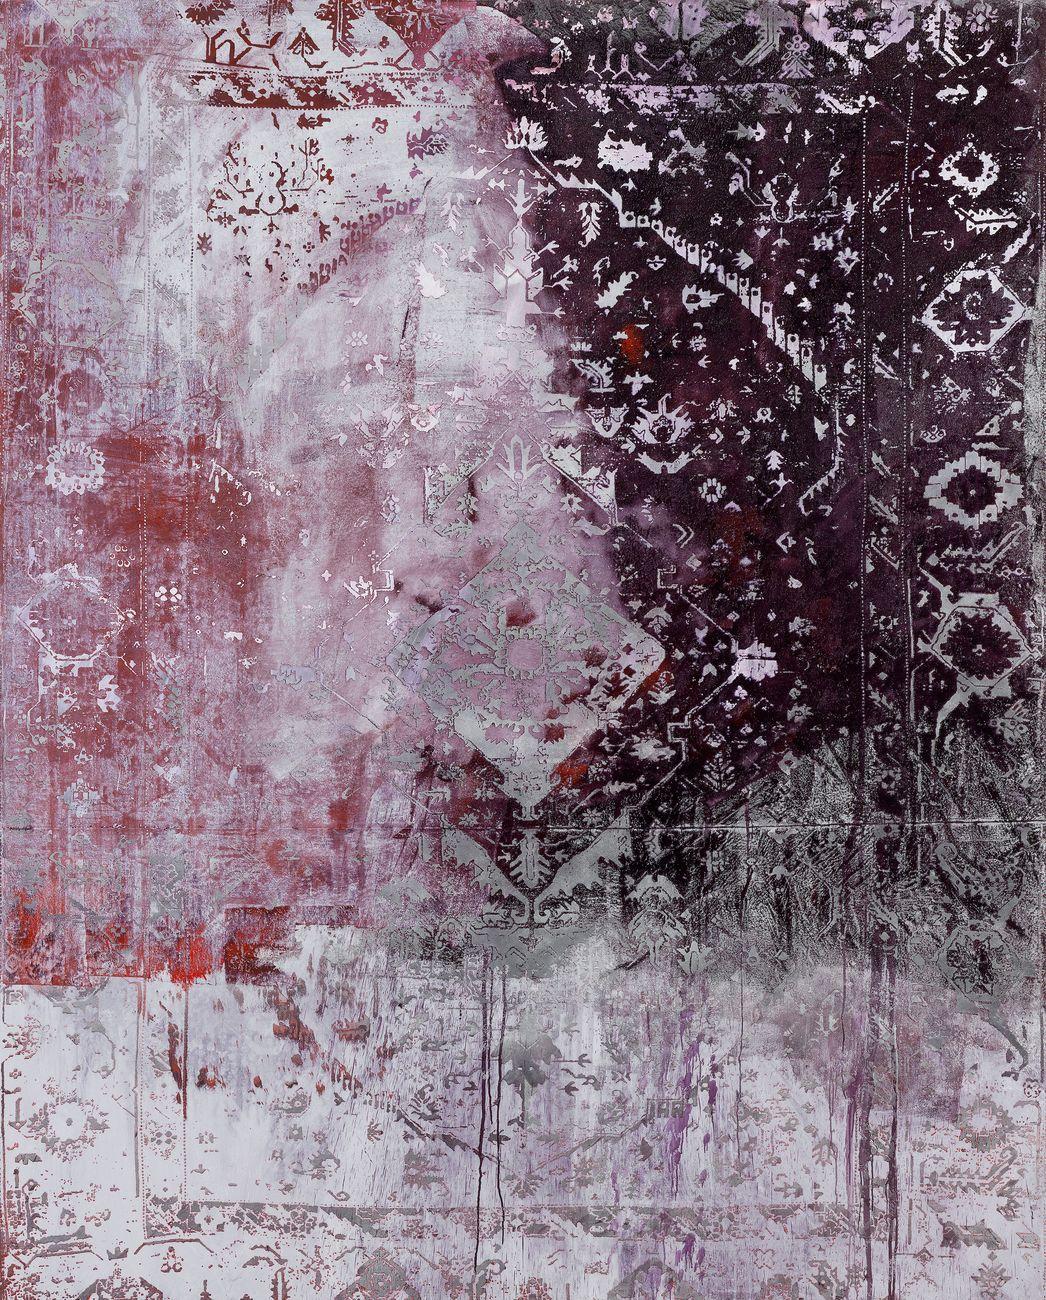 Rudolf Stingel, Untitled, 2012 © Rudolf Stingel. Photo Alessandro Zambianchi